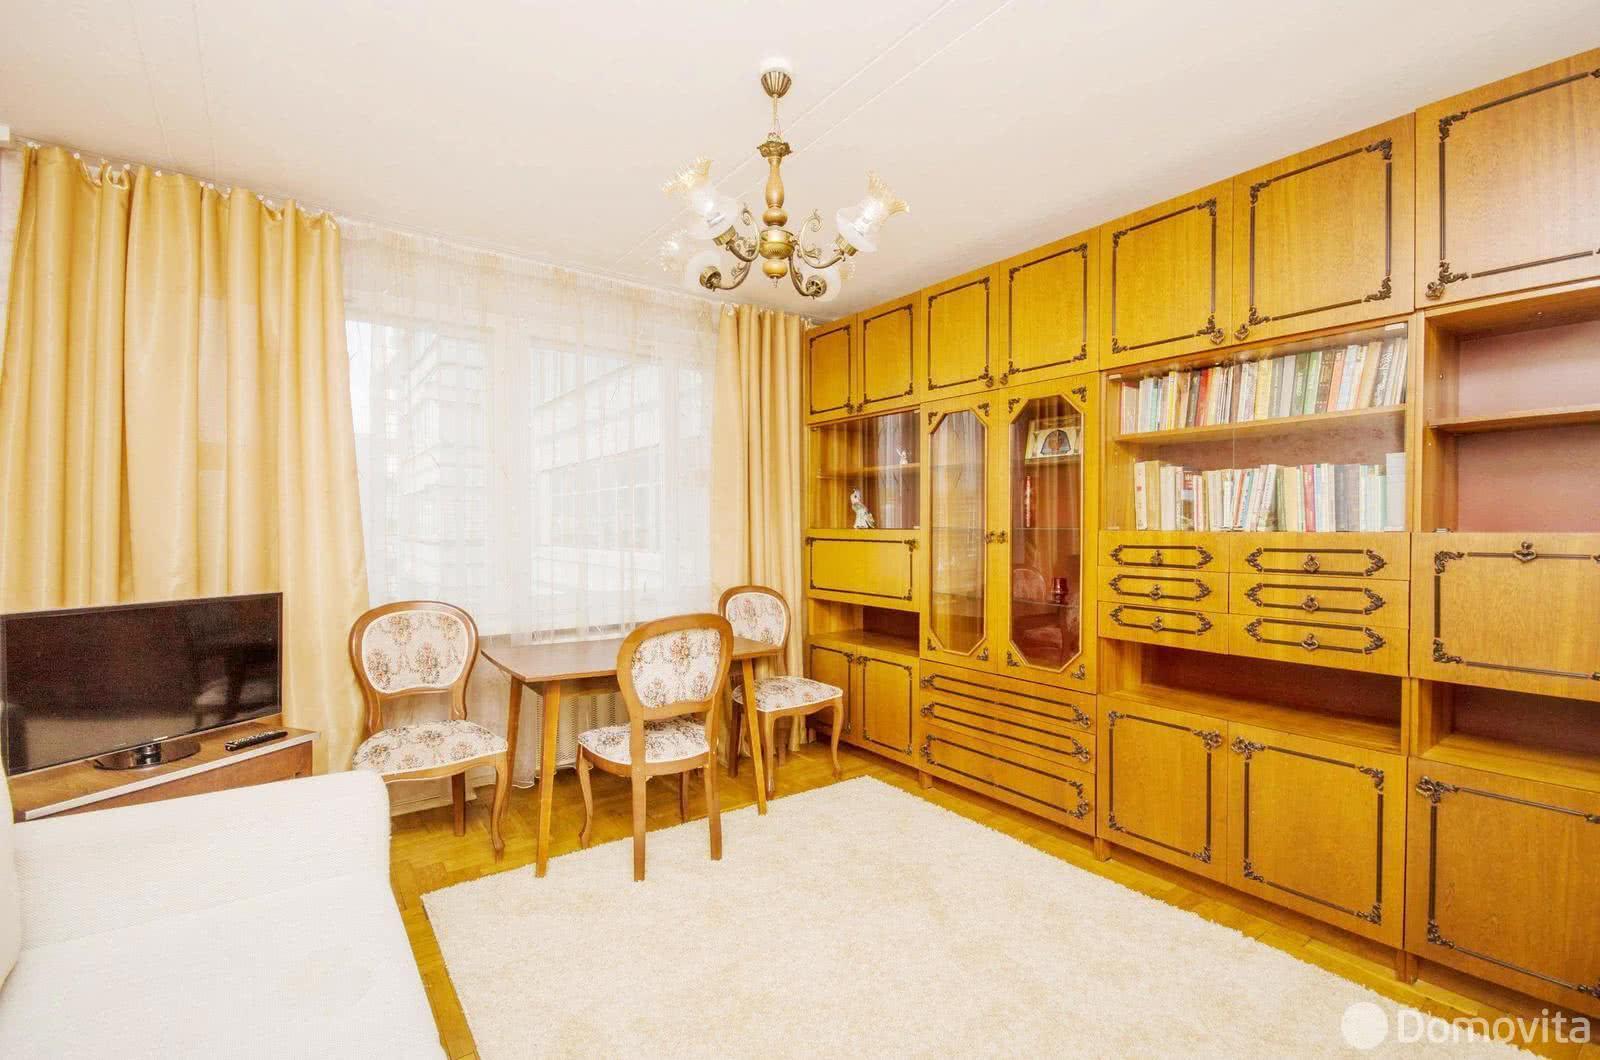 2-комнатная квартира на сутки в Минске ул. Немига, д. 10 - фото 2